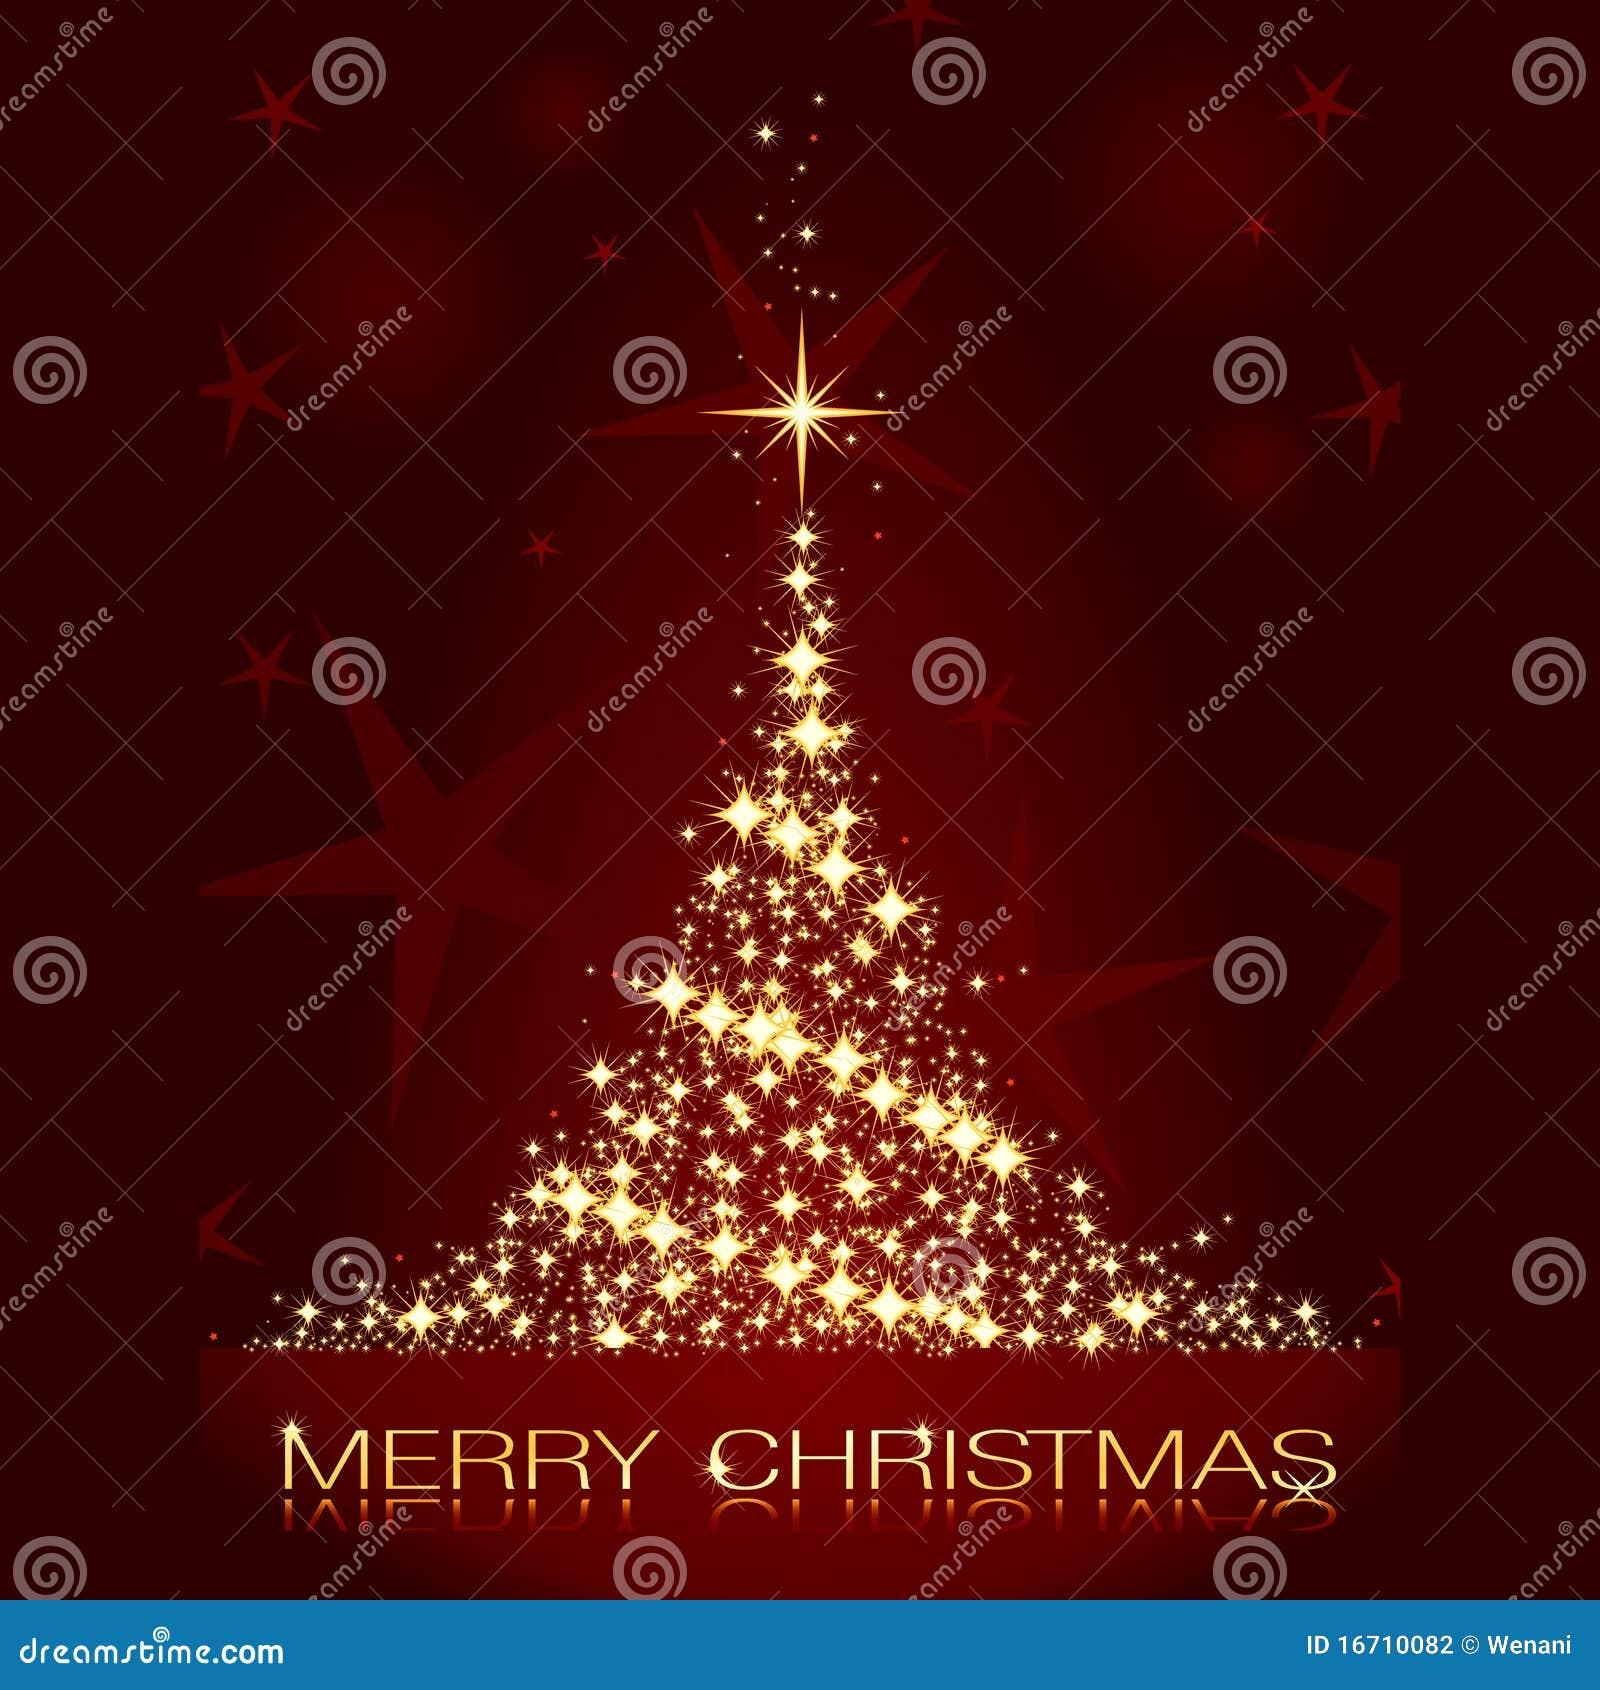 decoracao arvore de natal vermelha e dourada : decoracao arvore de natal vermelha e dourada:Árvore De Natal Dourada Vermelha Fotografia de Stock – Imagem